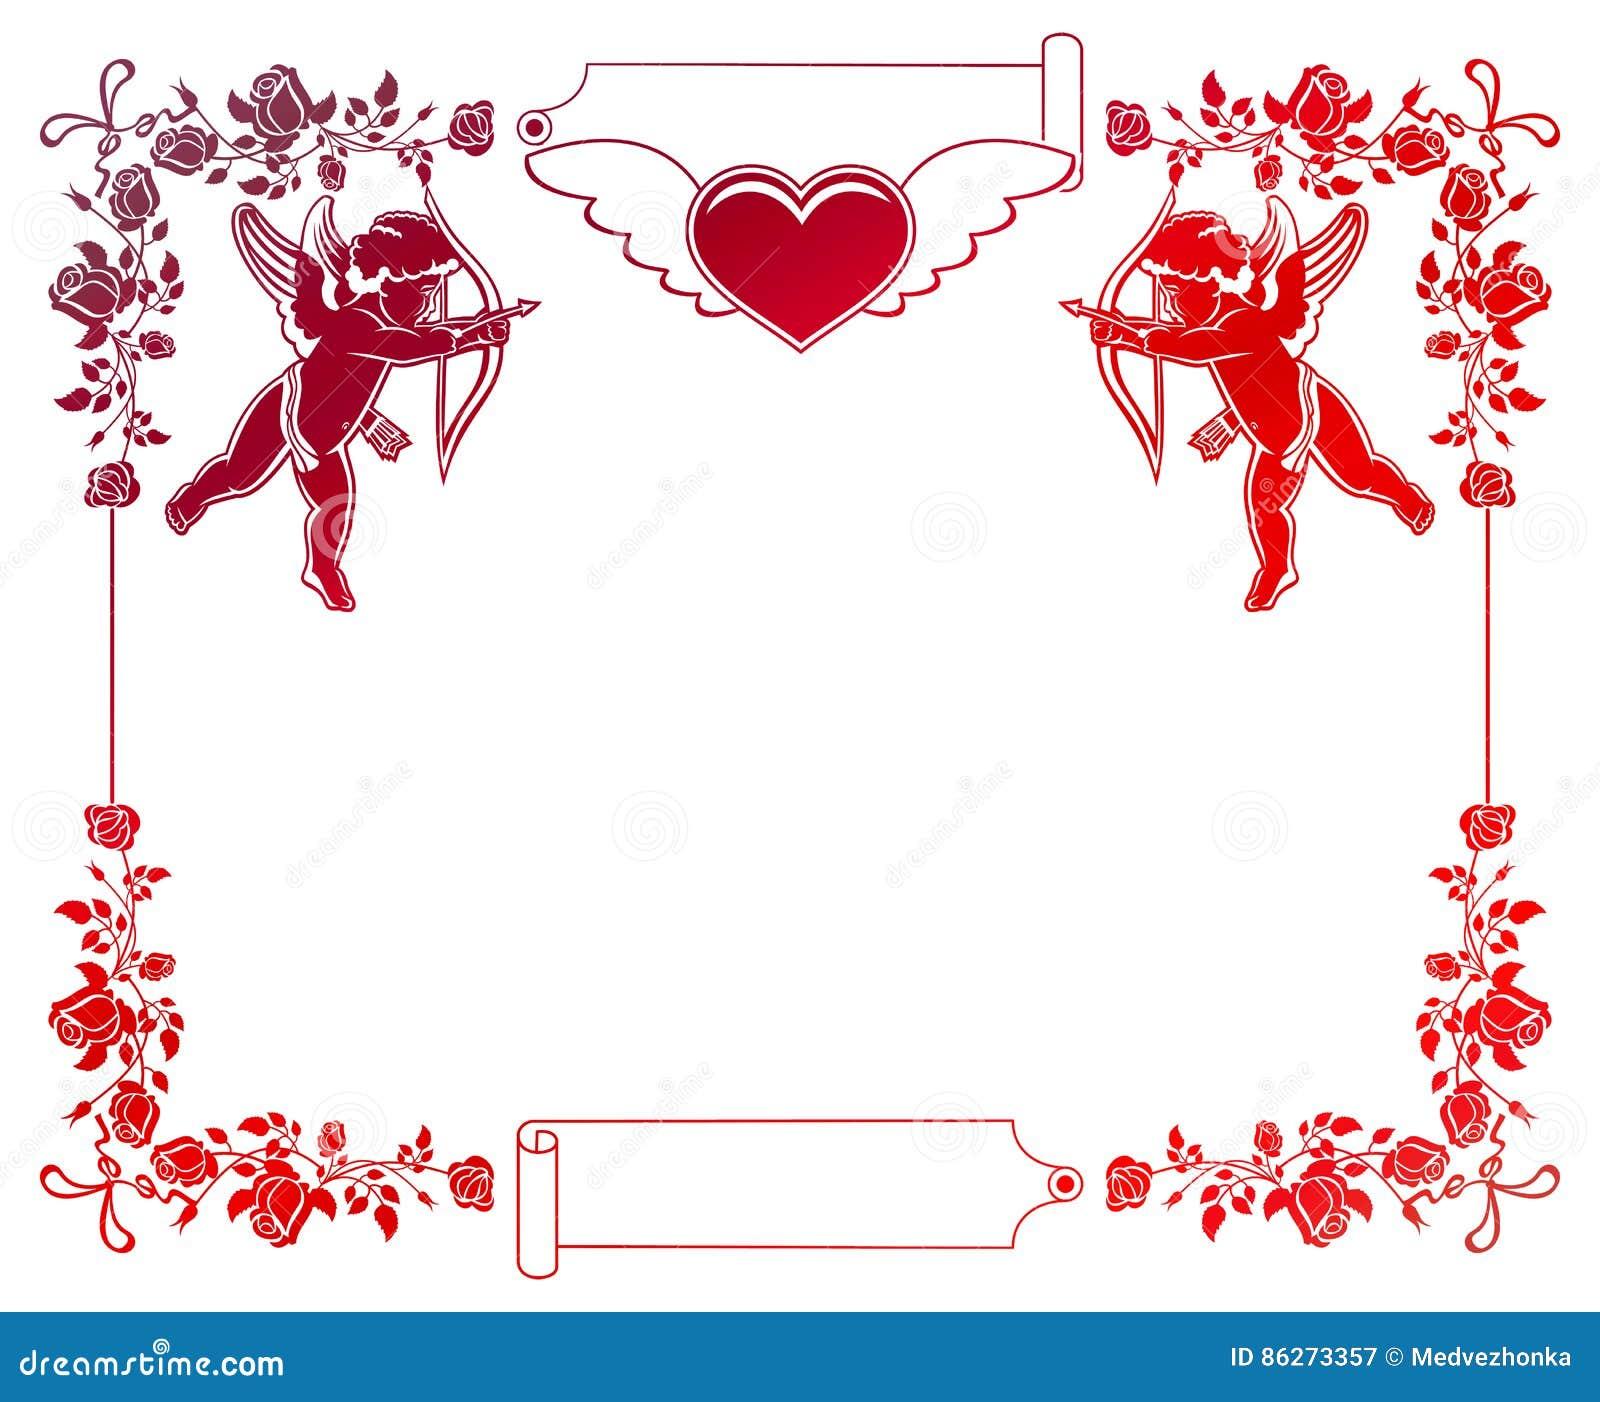 Färben Sie Steigungsrahmen Mit Amor, Rosen Und Herzen Kopieren Sie ...